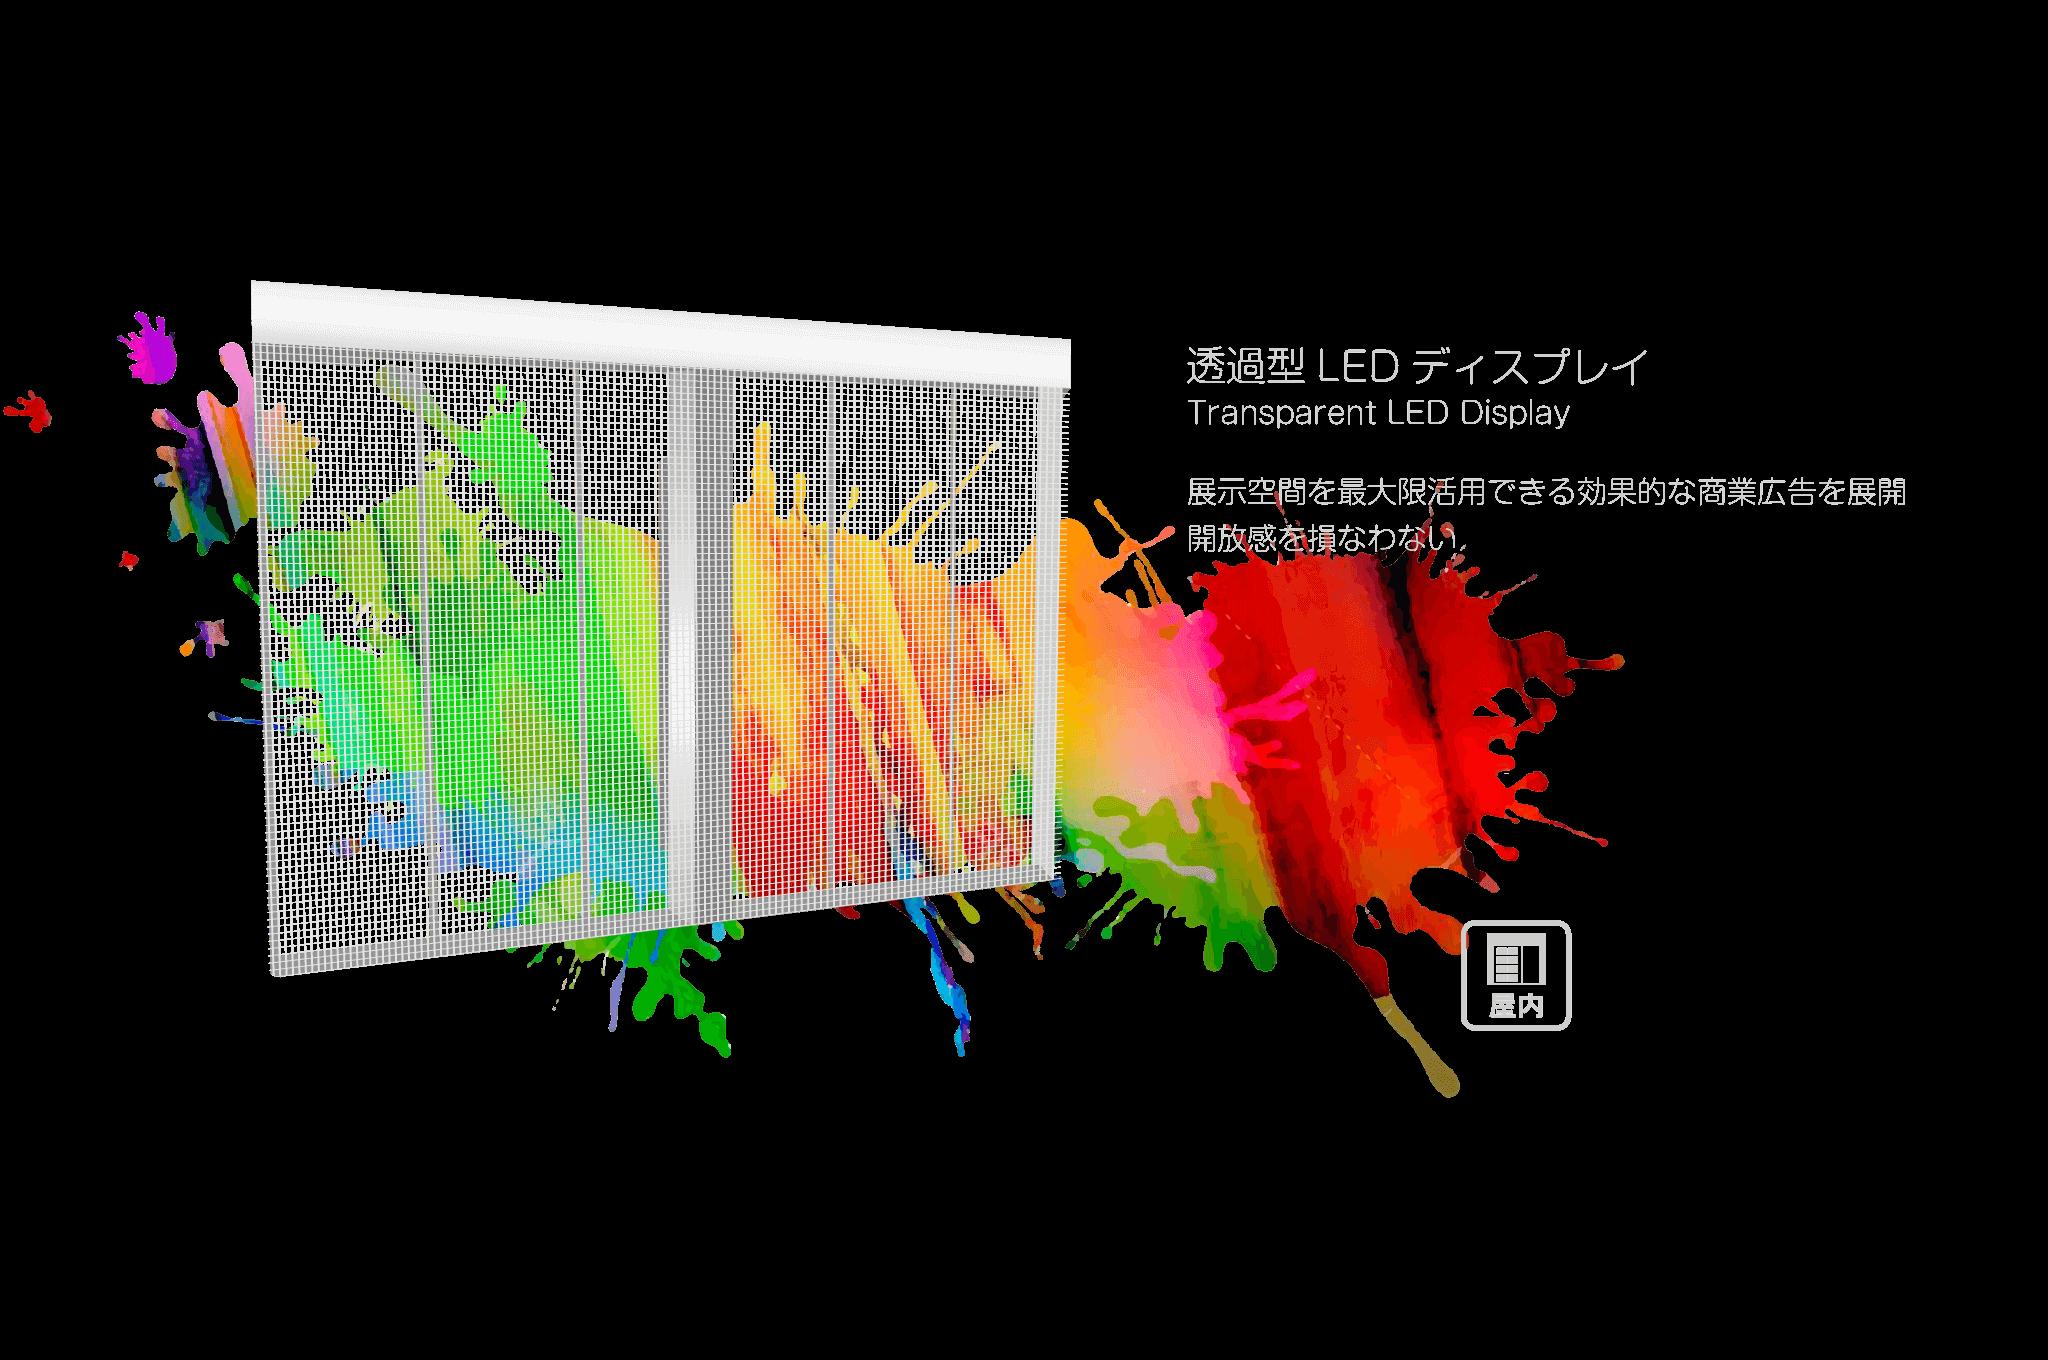 透過型LEDディスプレイ